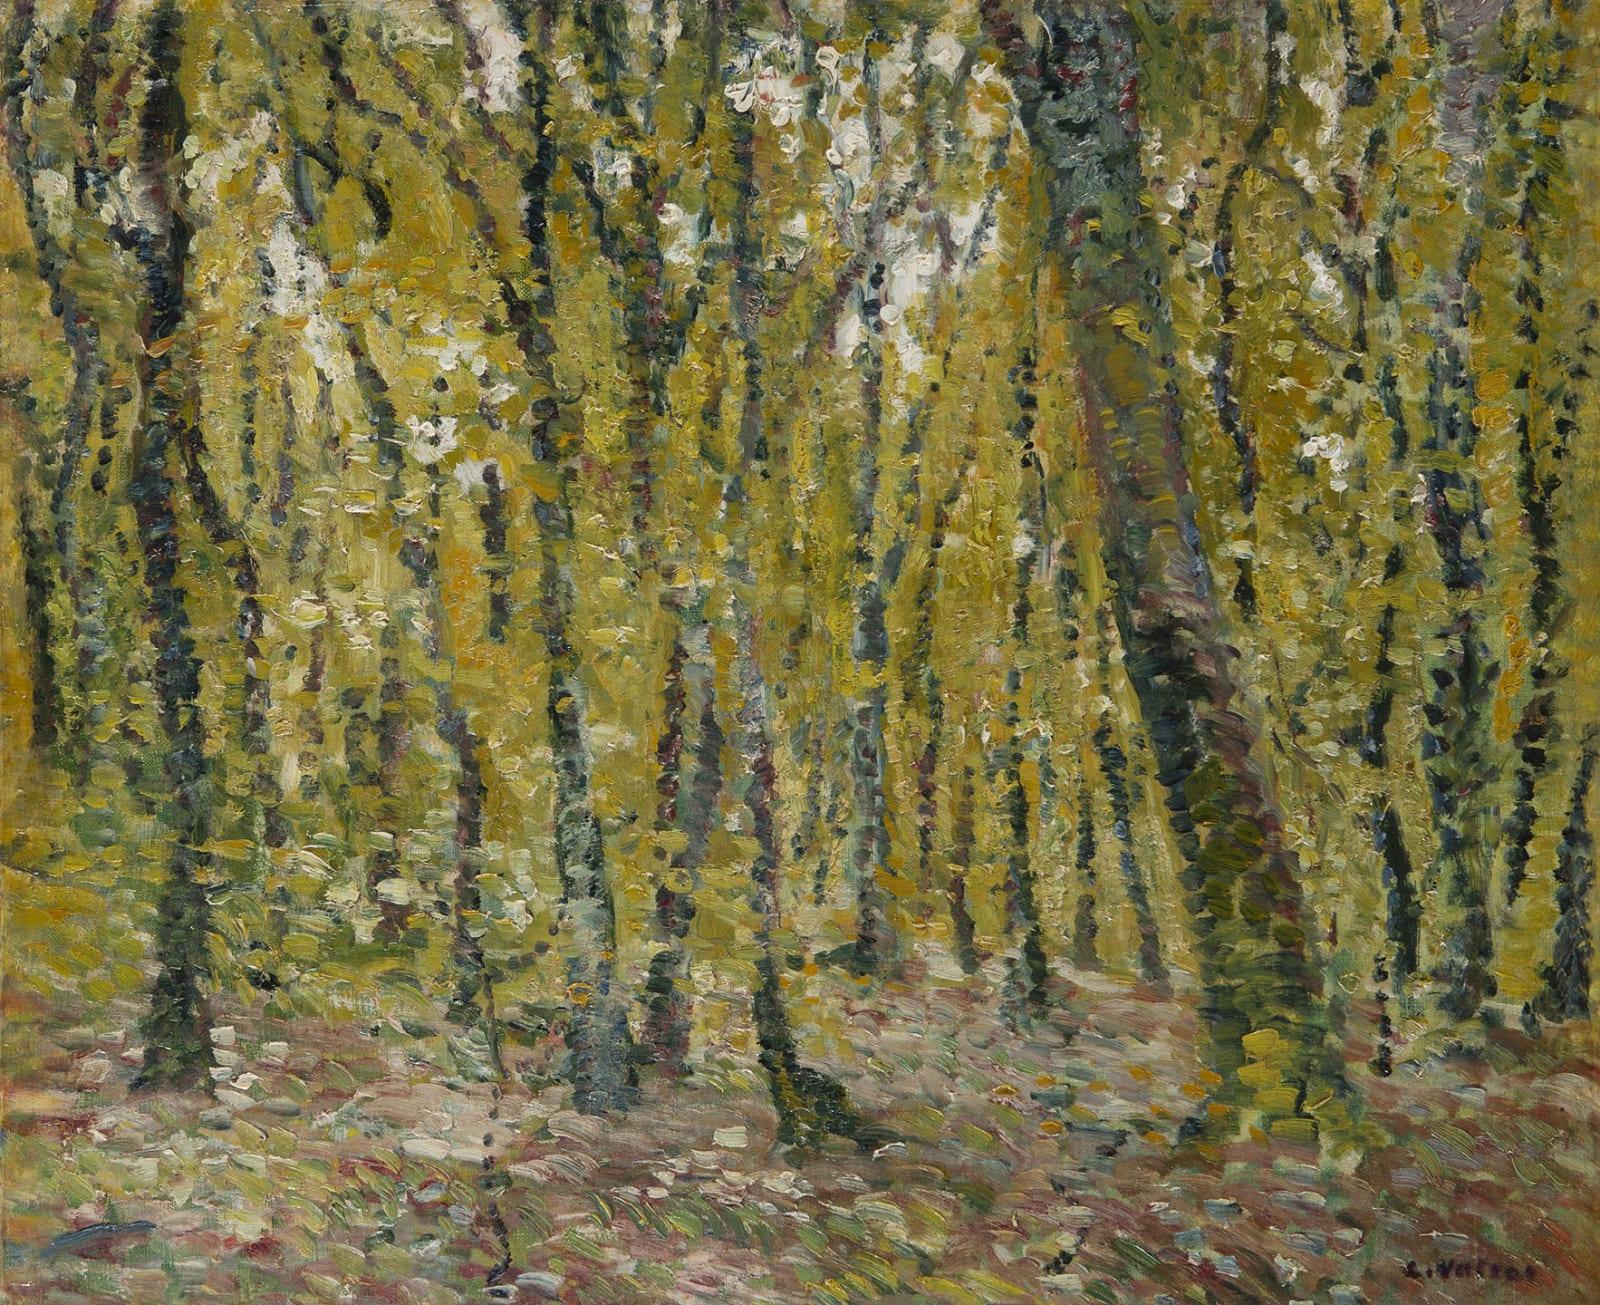 LOUIS VALTAT, Sous bois, 1899